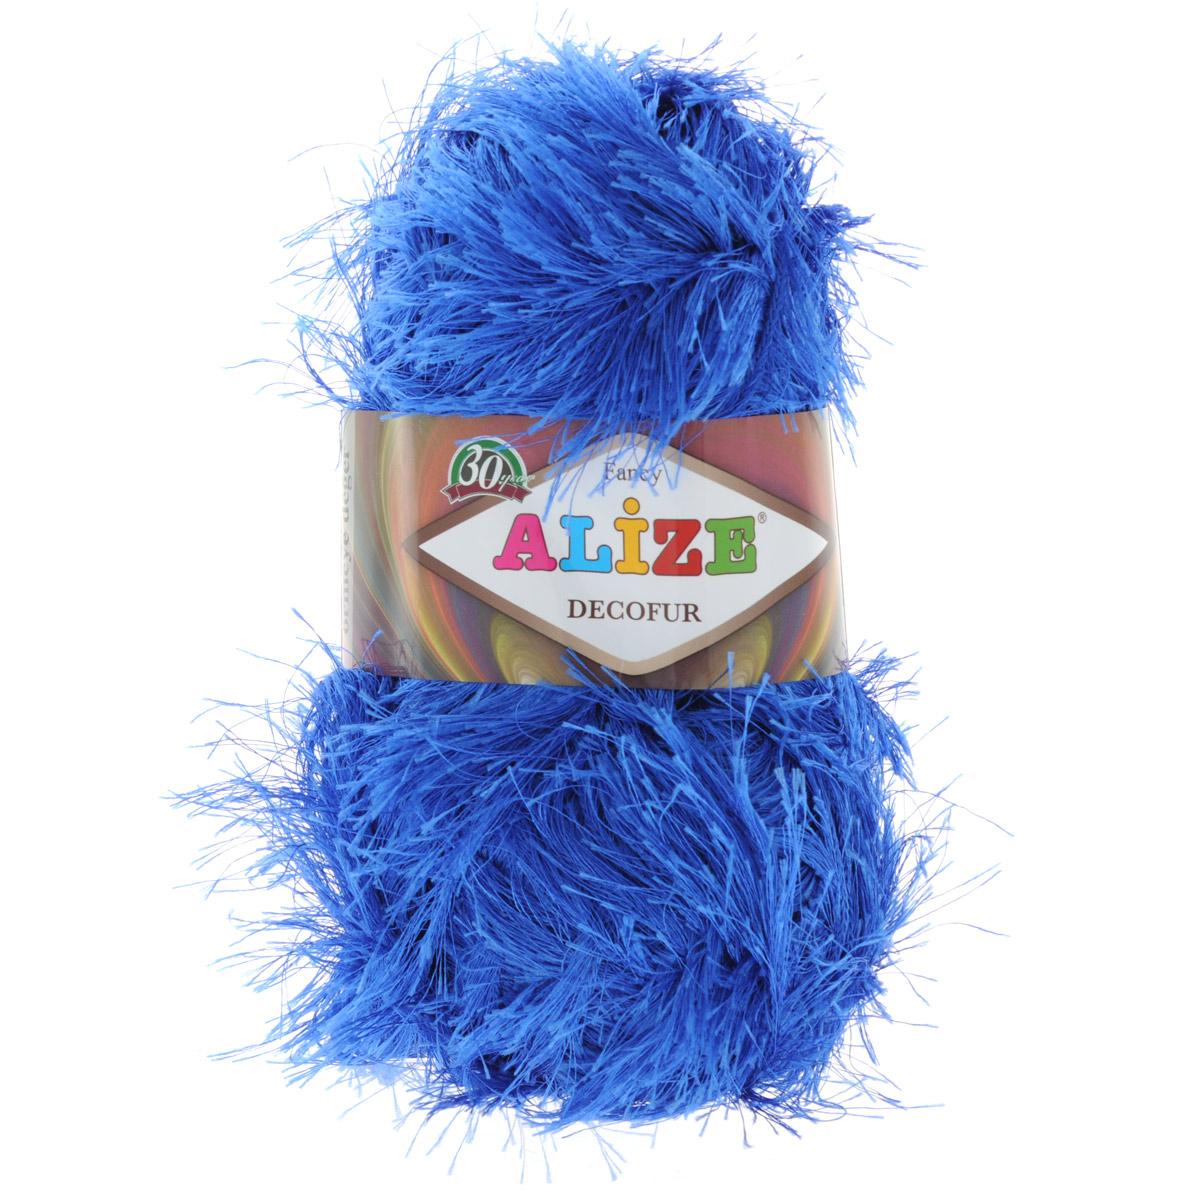 Пряжа для вязания Alize Decofur, цвет: синий (141), 110 м, 100 г, 5 шт364128_141Пряжа для вязания Alize Decofur изготовлена из полиэстера. Пряжа-травка предназначена для ручного вязания и идеально подходит для отделки. Готовый ворс получается равным 4 см. Рекомендованные спицы для вязания 6-8 мм. Рекомендованный крючок для вязания 3-4 мм. Комплектация: 5 мотков. Состав: 100% полиэстер.